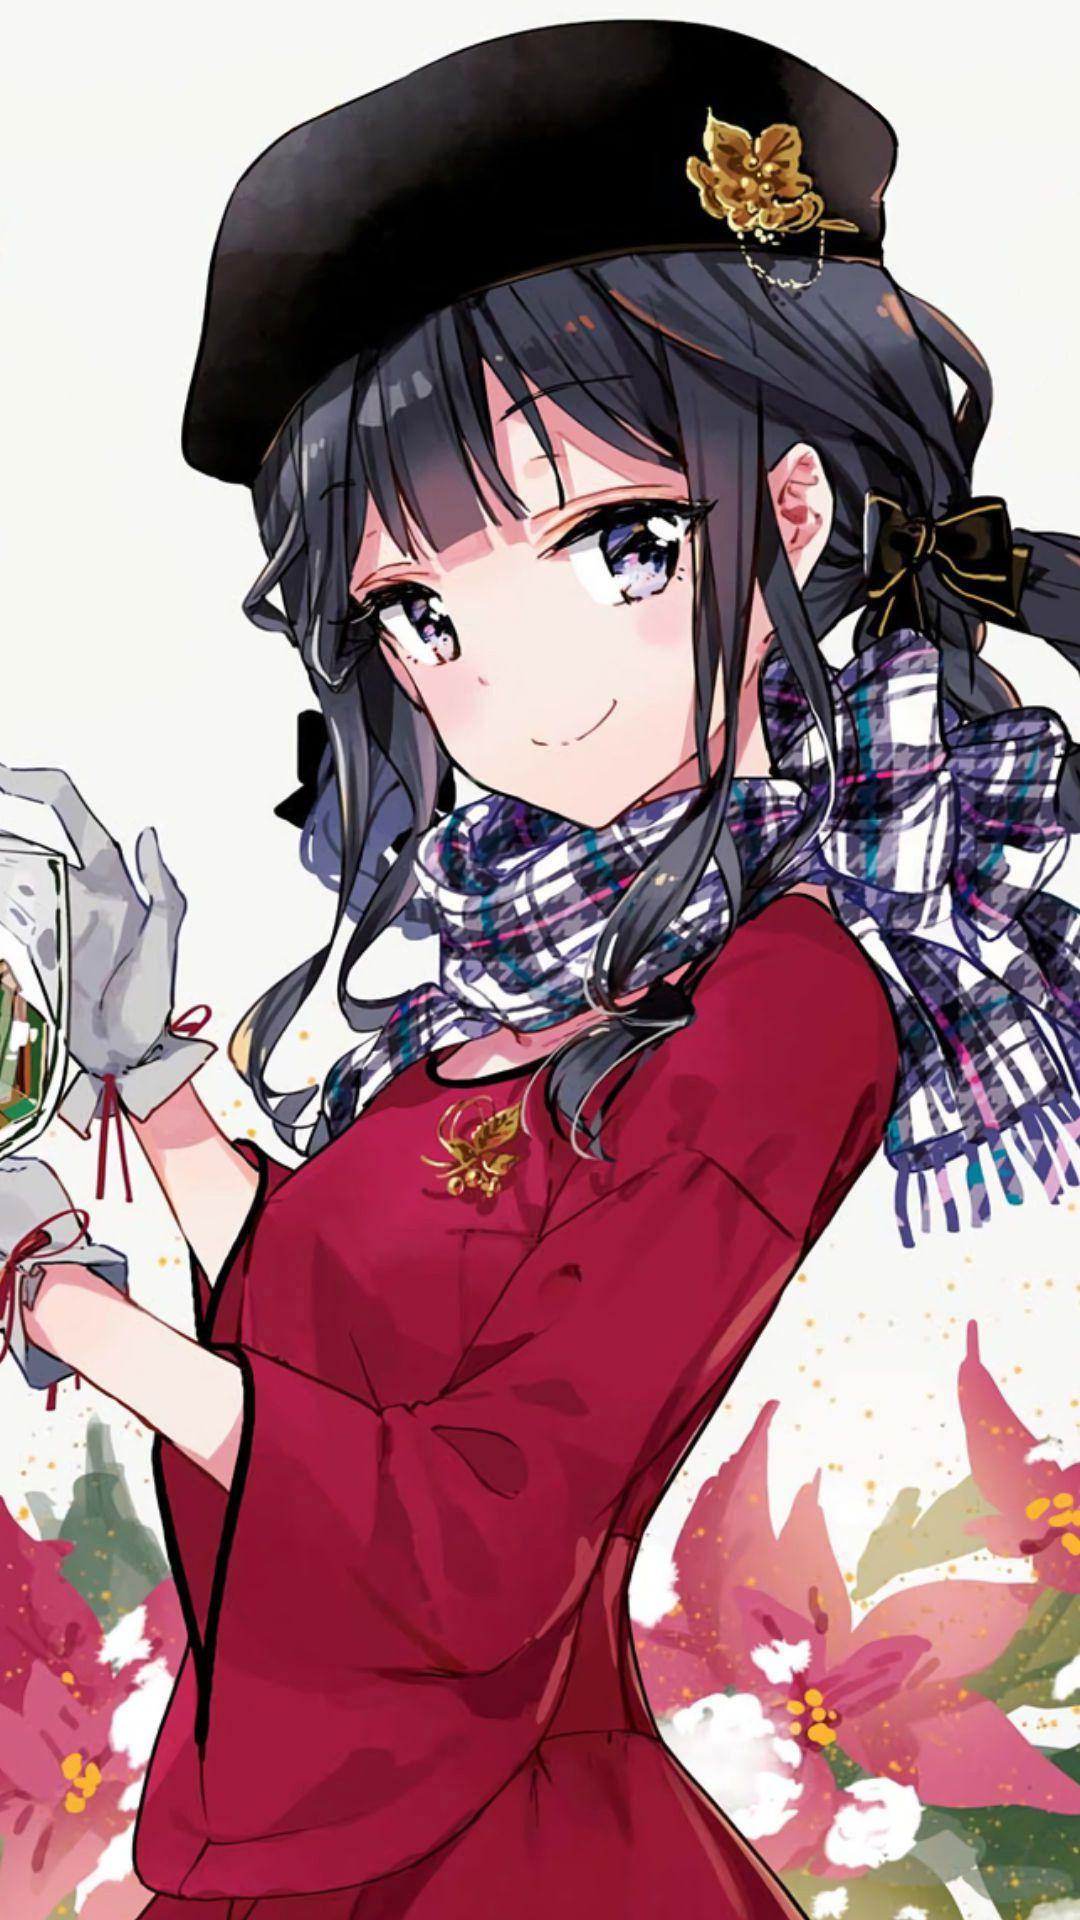 政宗くんのリベンジ-安達垣愛姫iPhone壁紙,Androidスマホ用画像